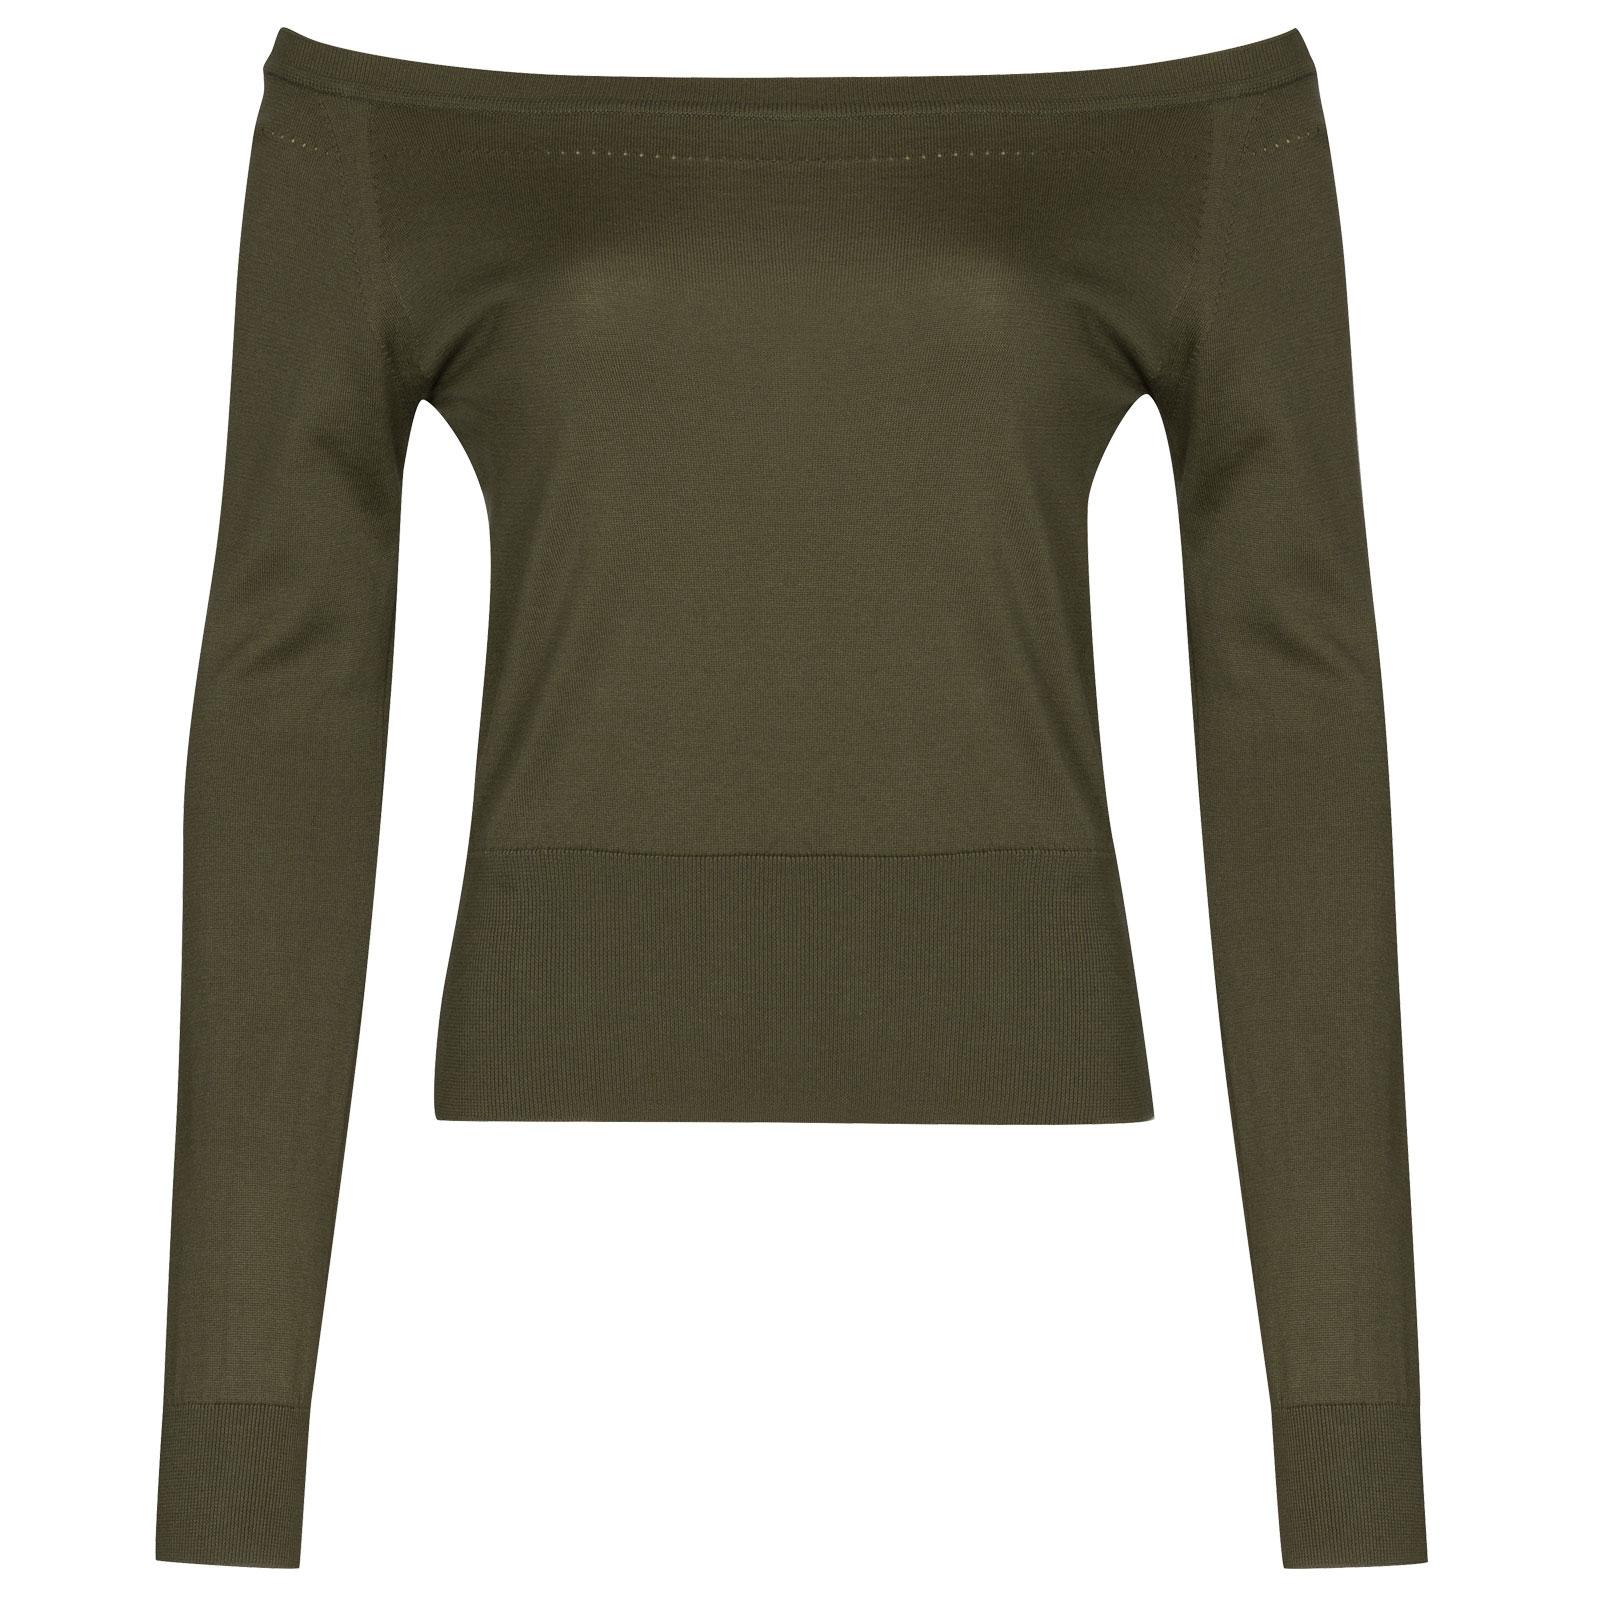 John Smedley Odele in Sepal Green Sweater-SML